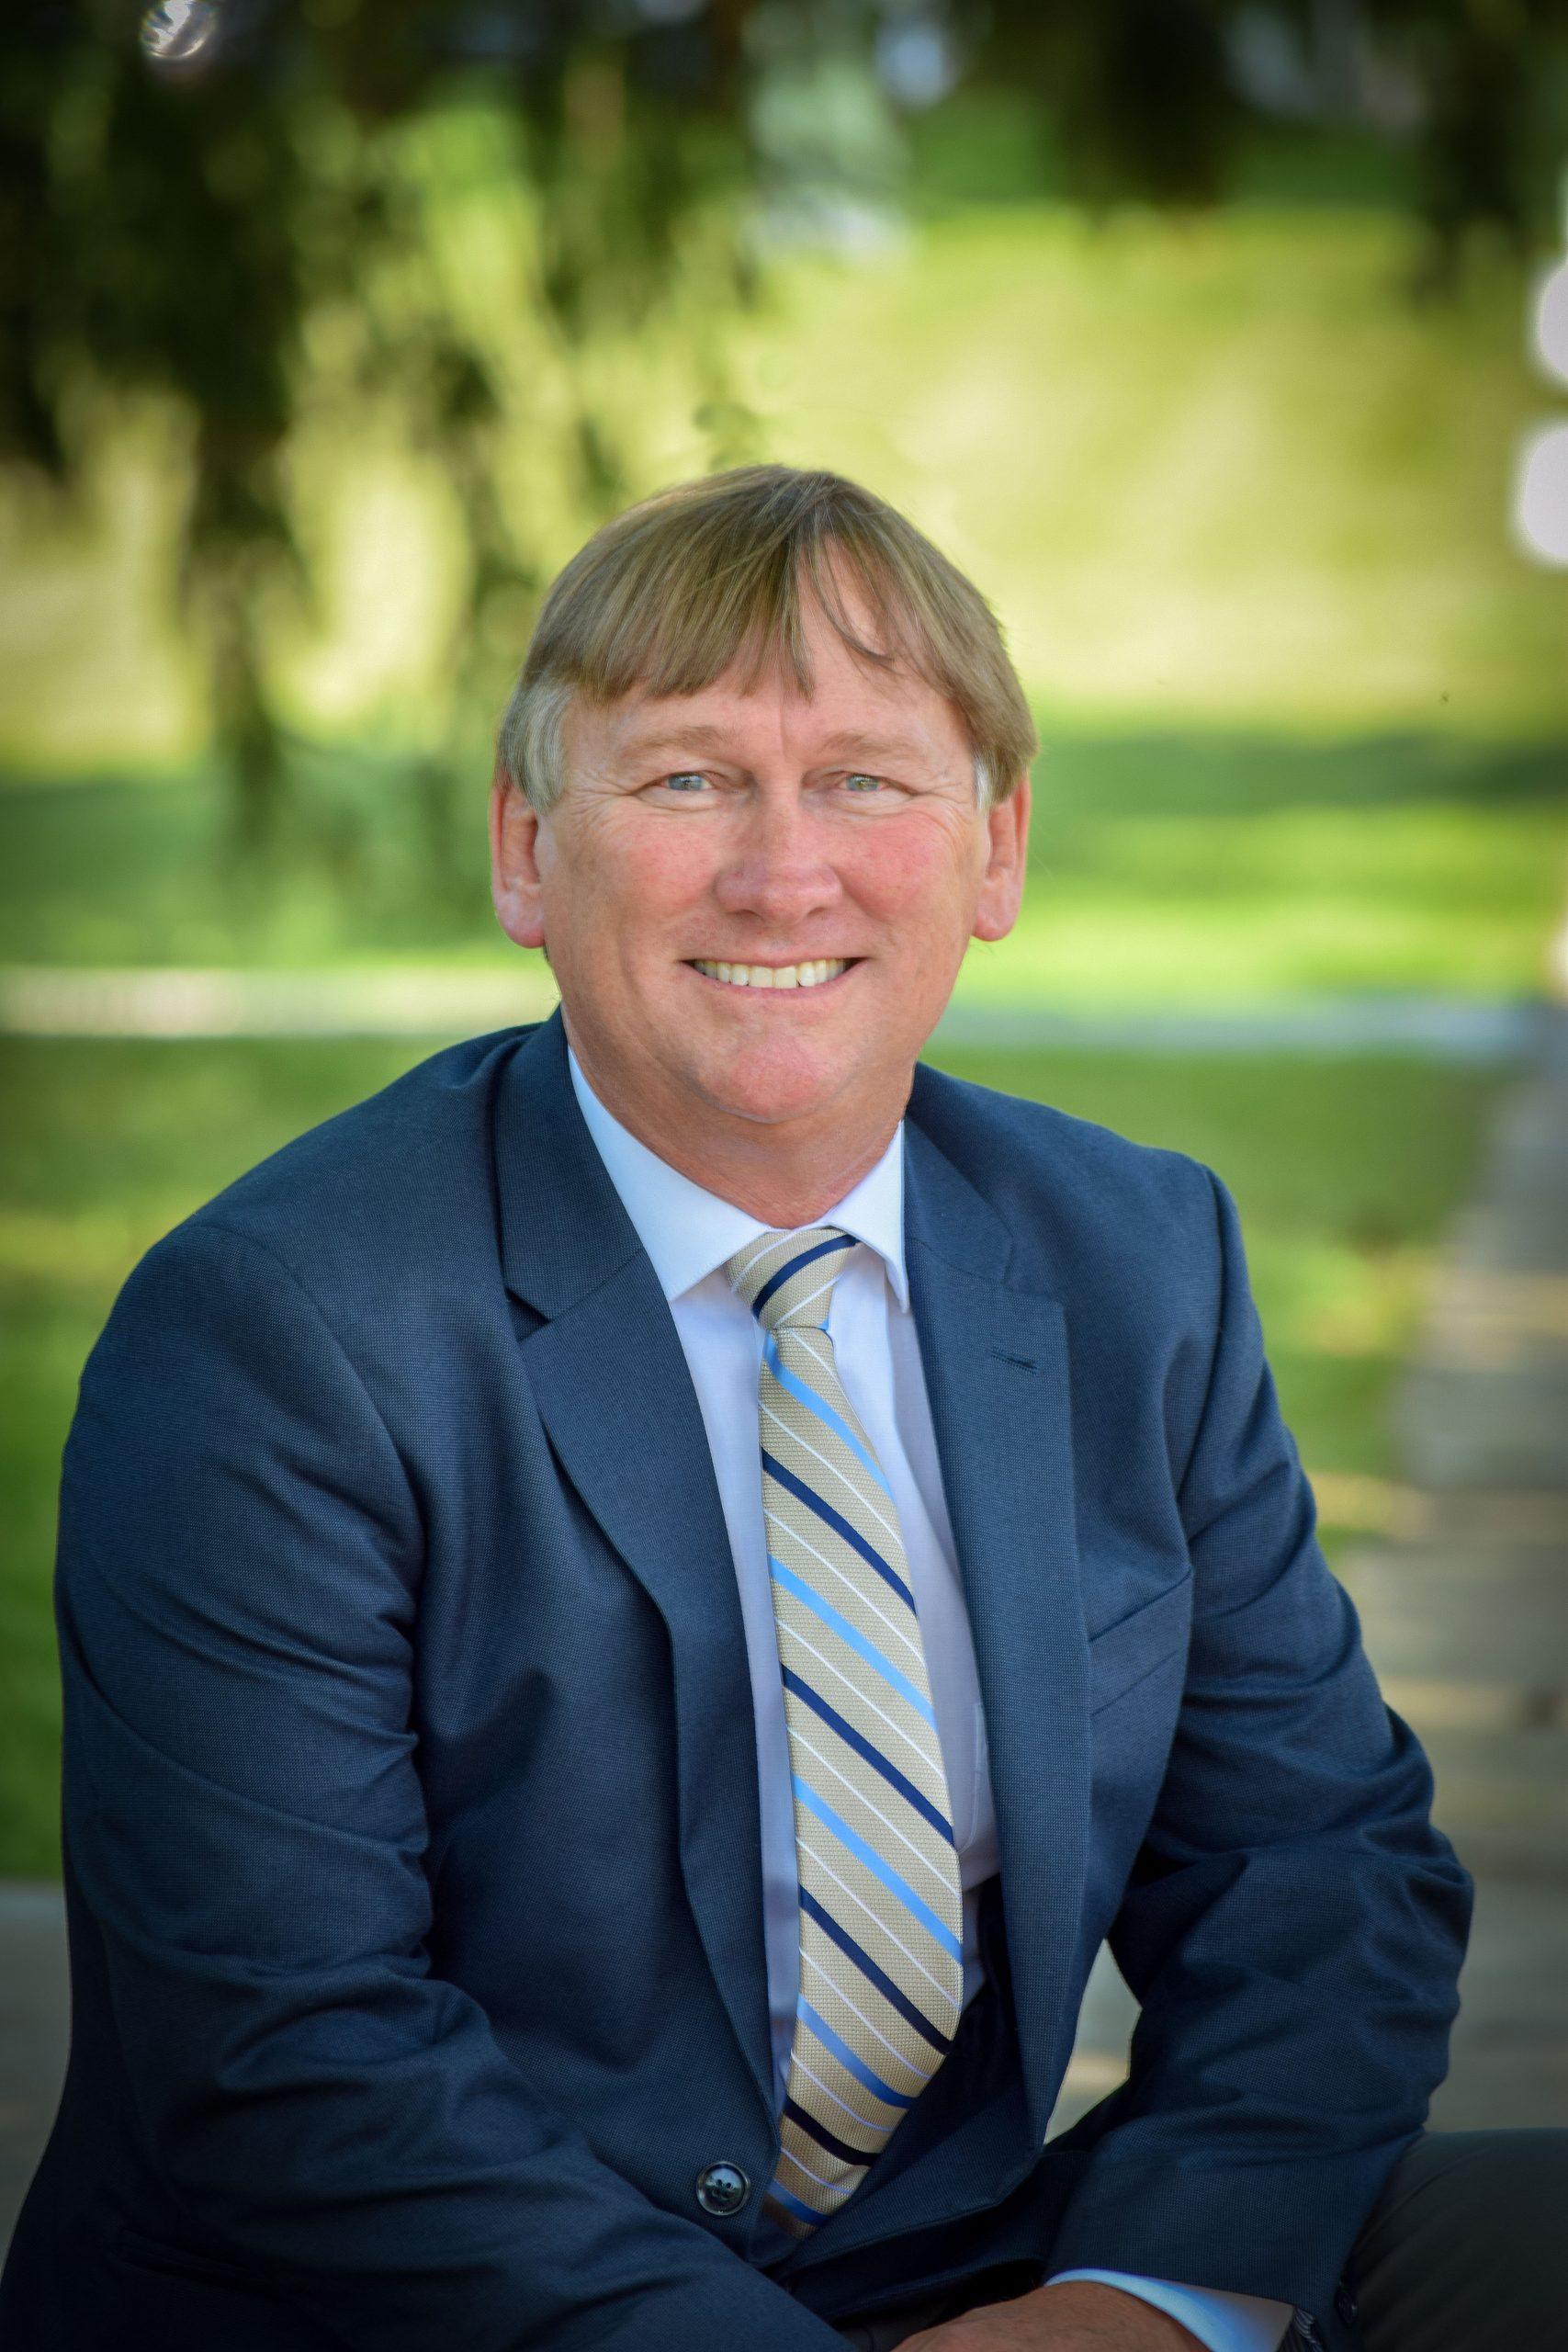 image of Dr. Striplin